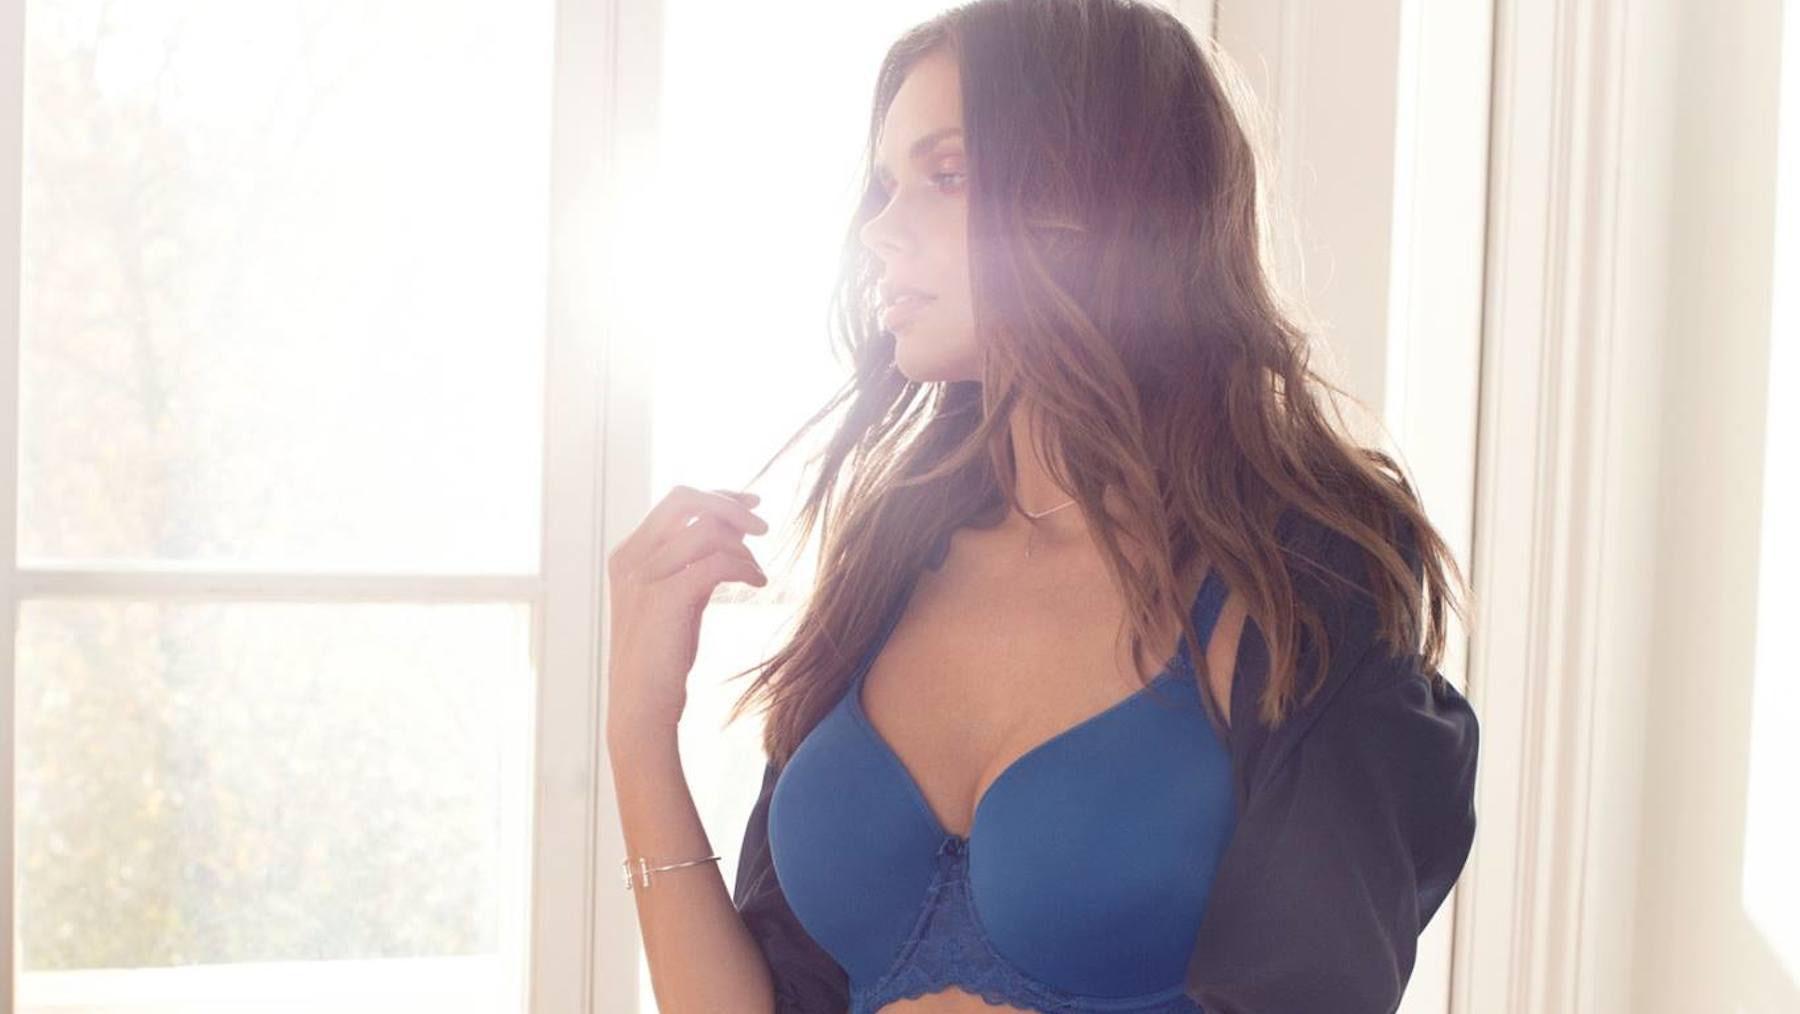 One of Brayola's plus-size bras | Source: Brayola